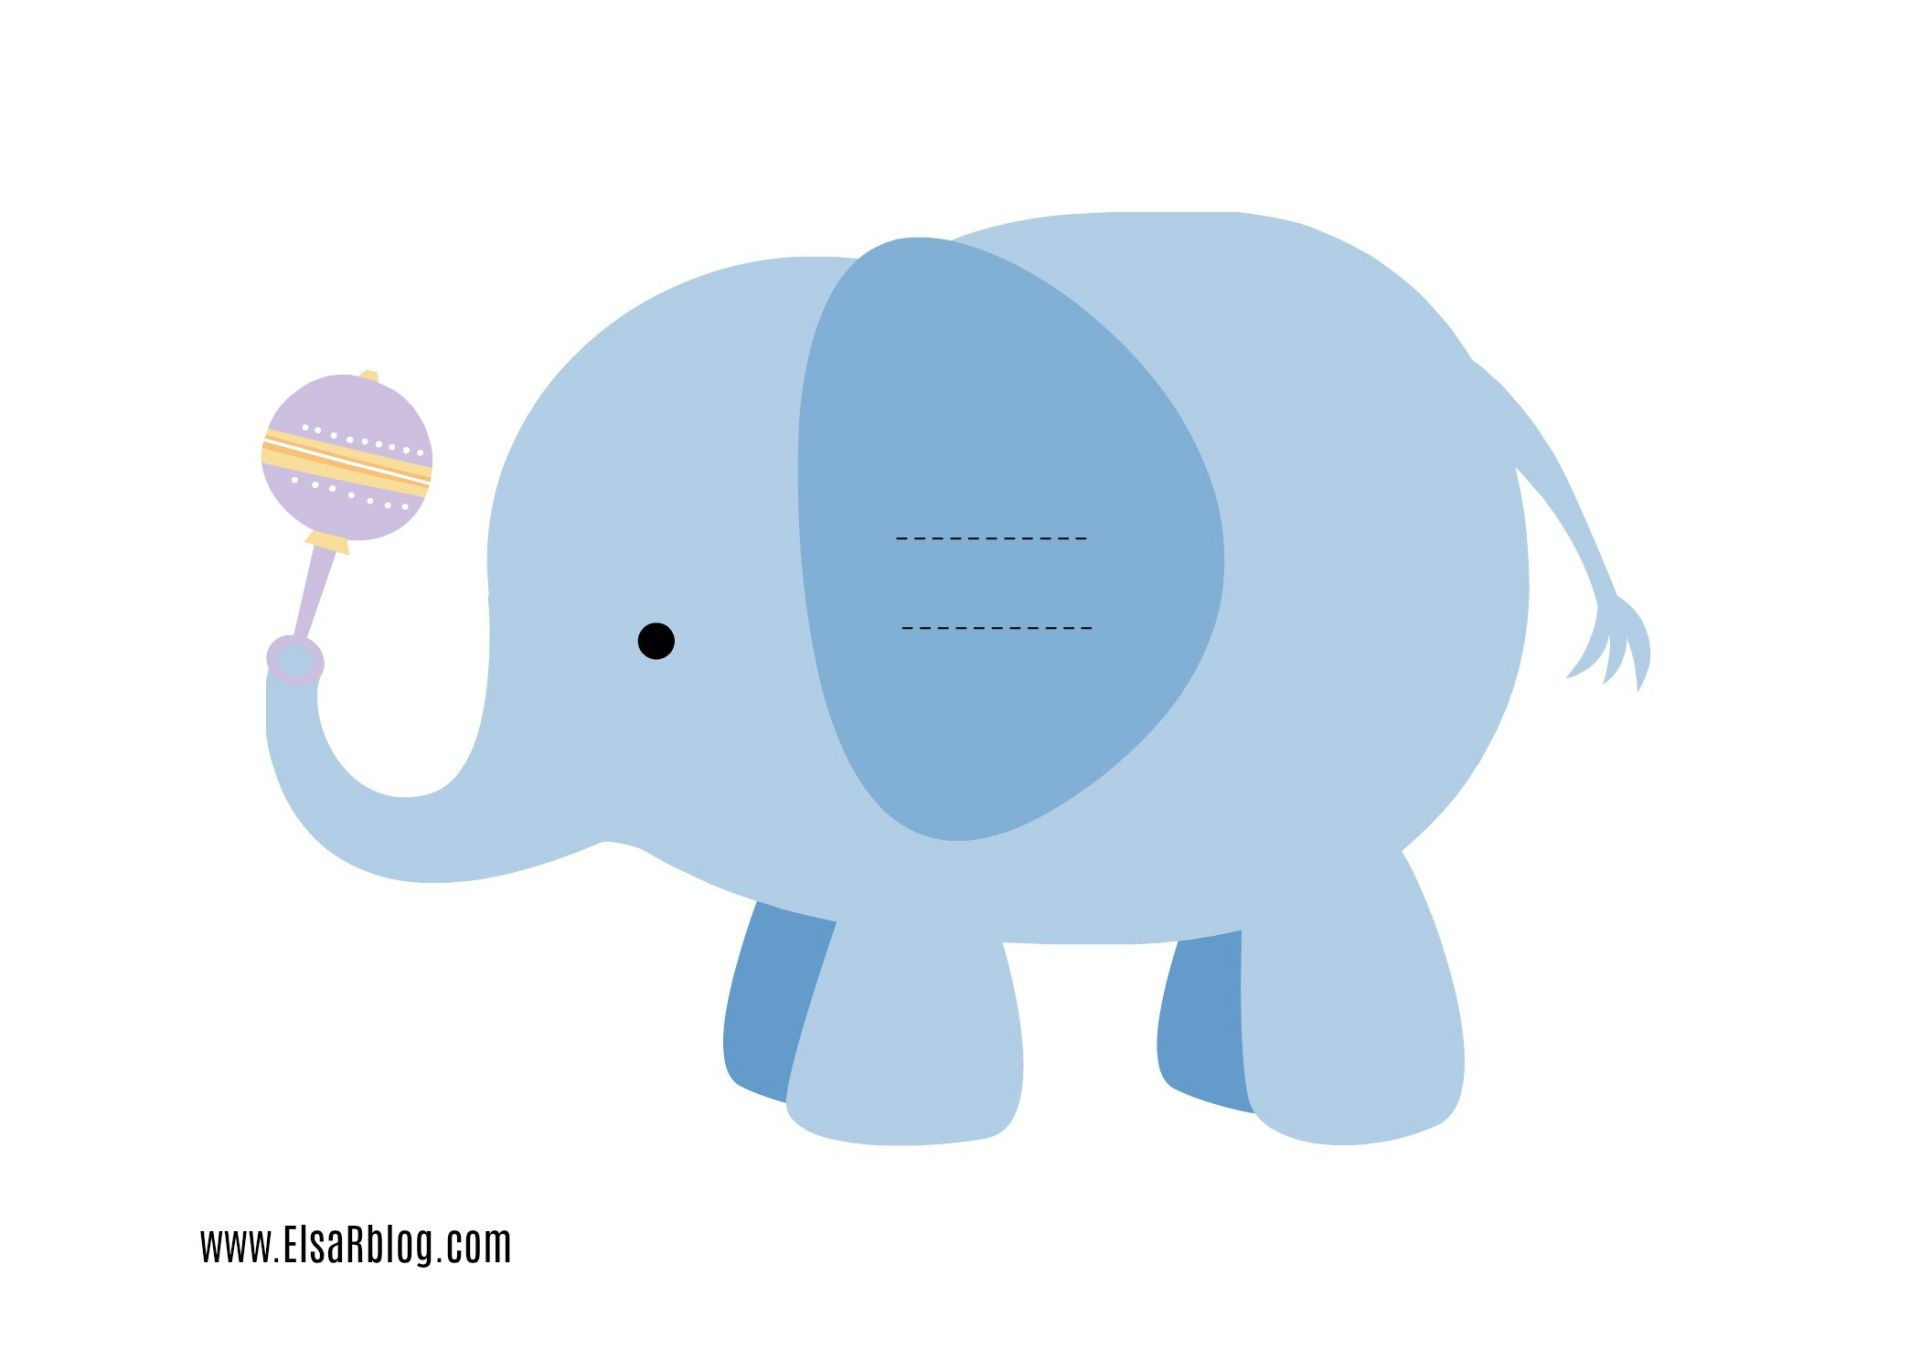 A4 Party olifant servethouder ElsaRblog